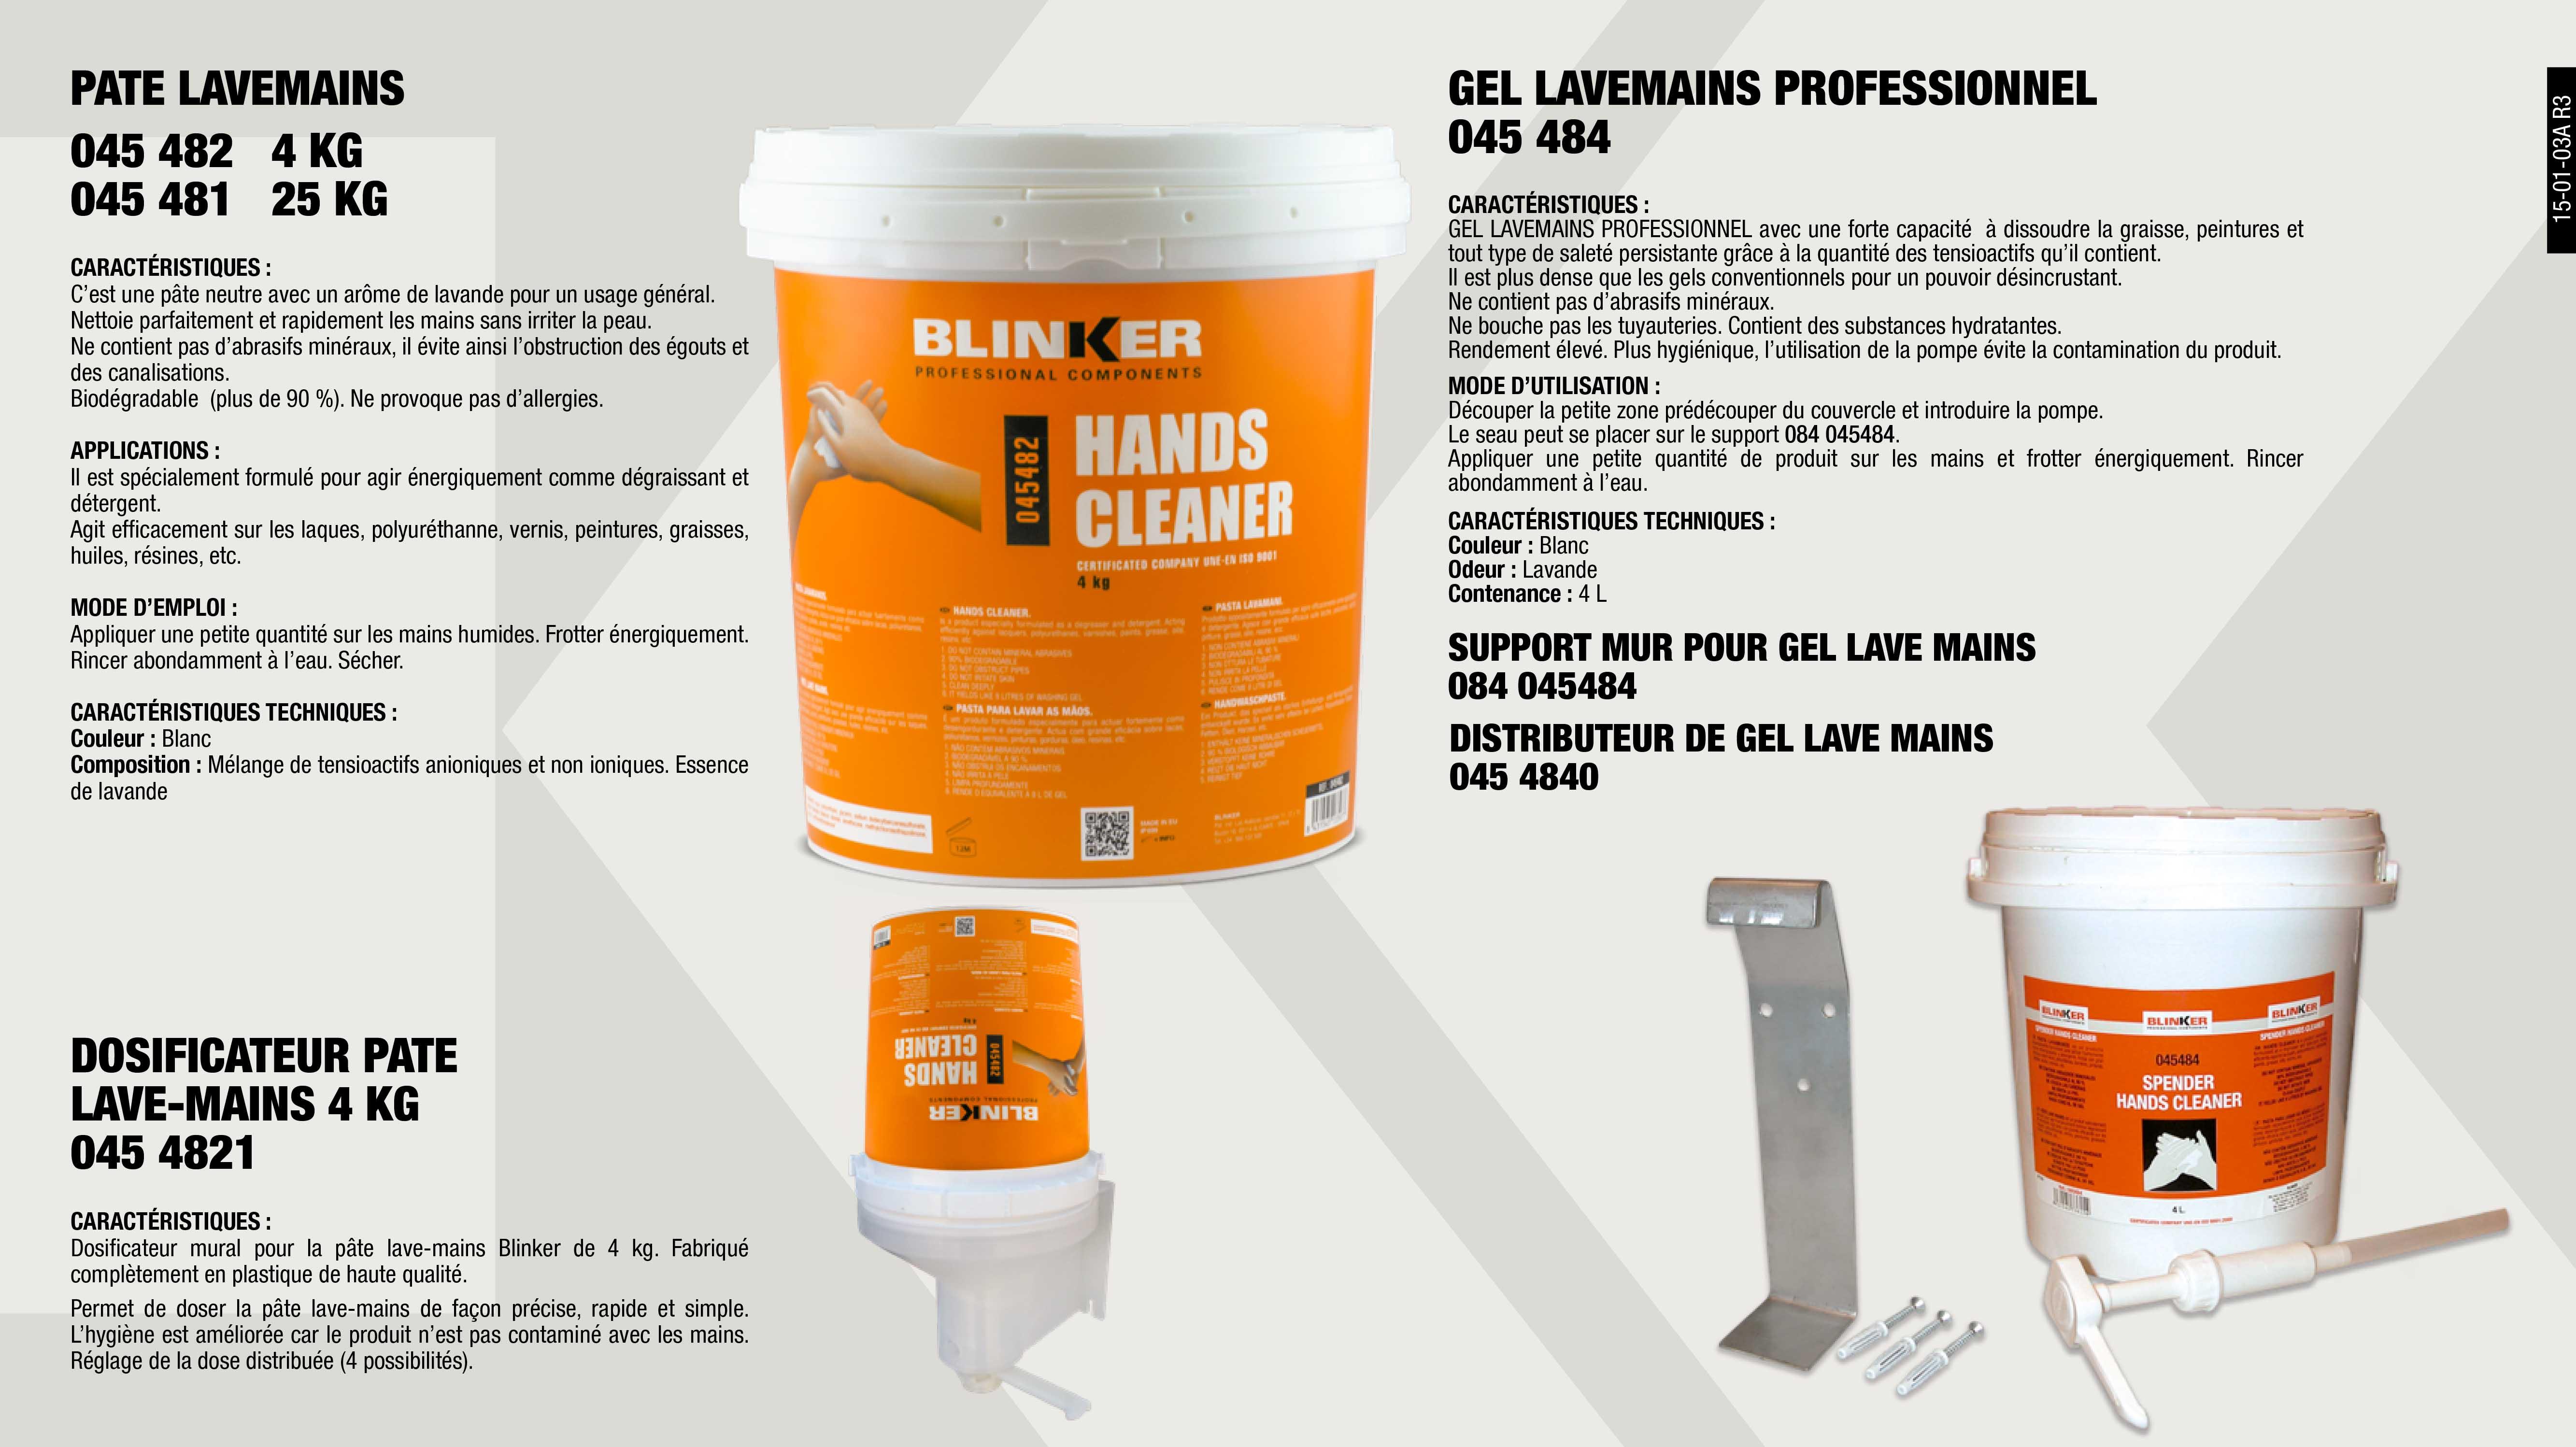 Securite et Hygiene  Hygiène - Blinker 05668a2e84a0